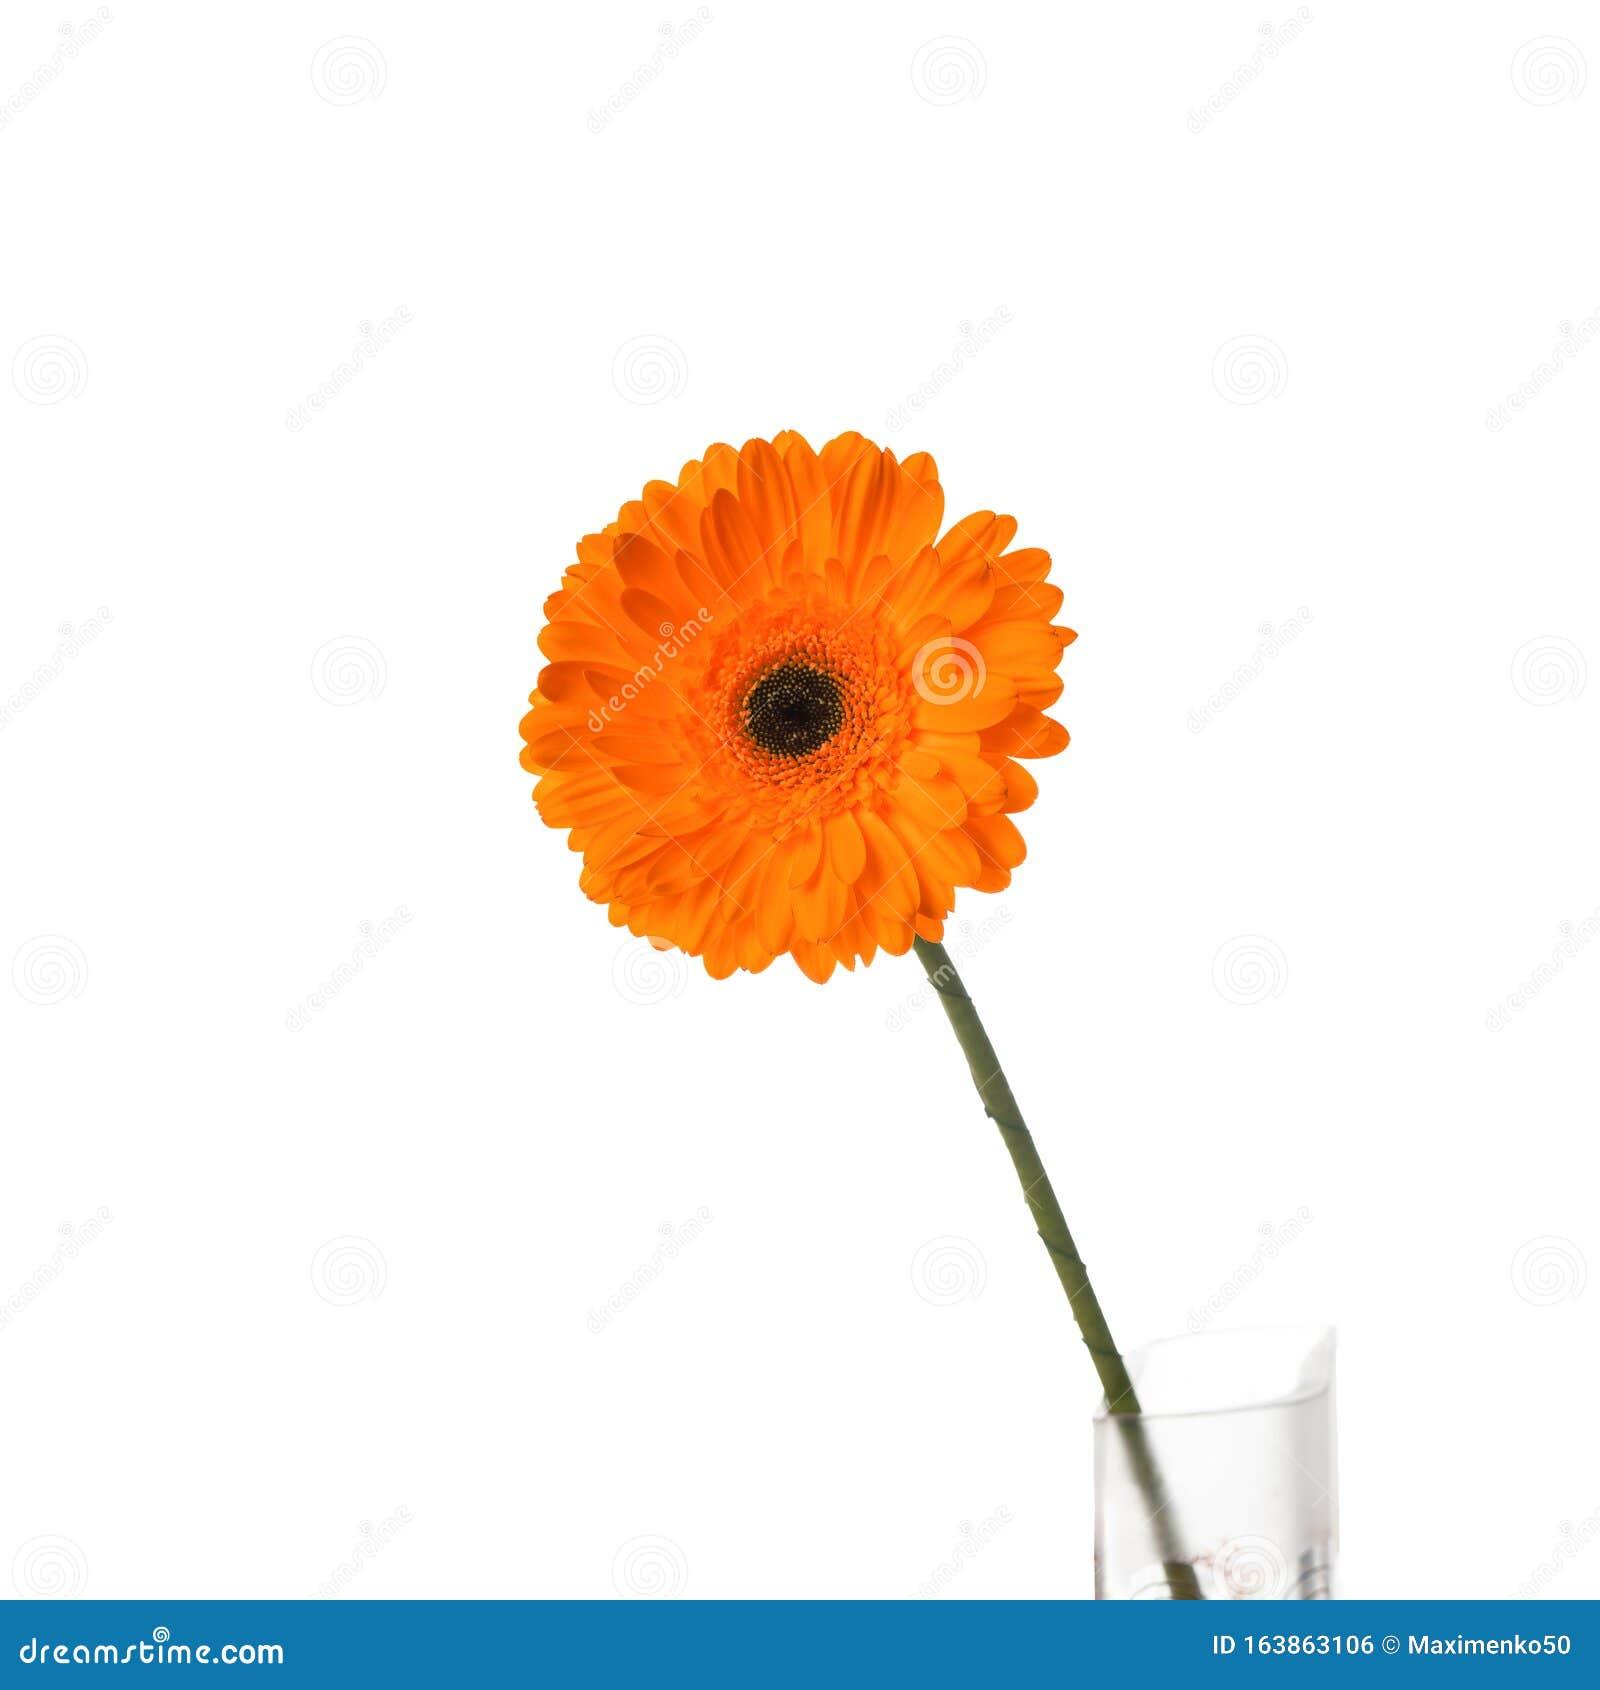 Orange Gerbera Flower In Vase, Isolated On White ...